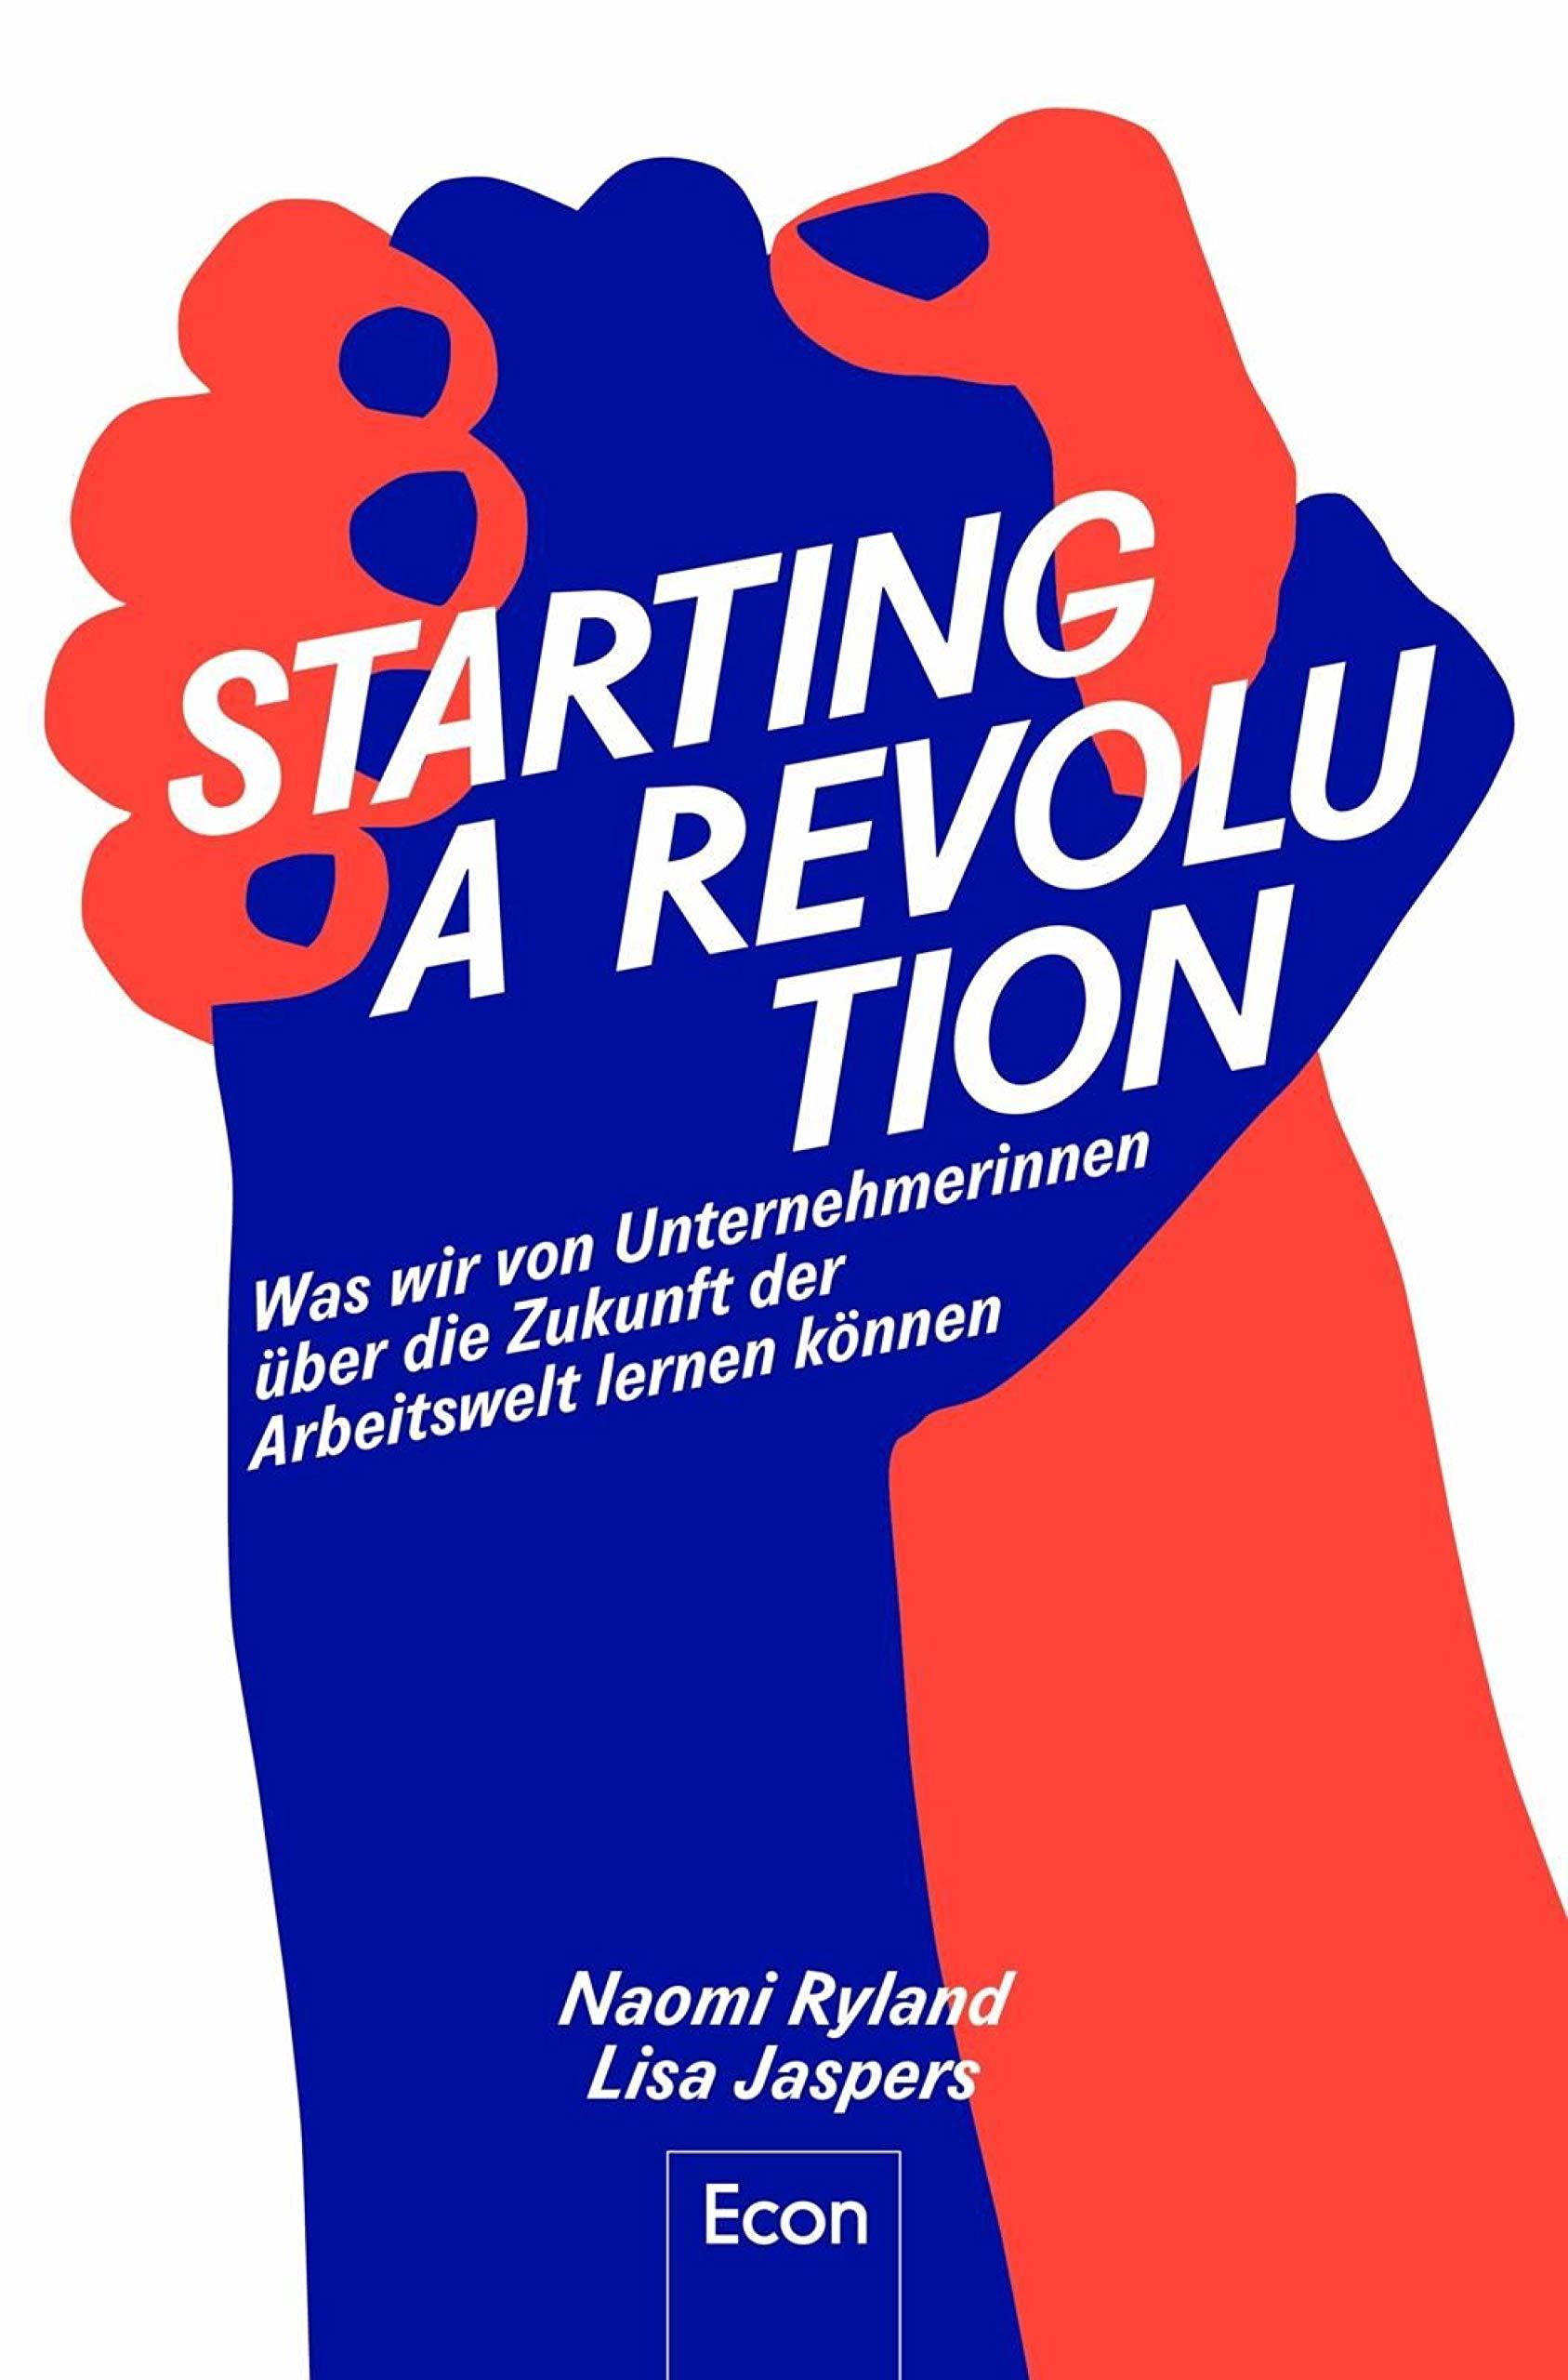 Starting a Revolution: Was wir von Unternehmerinnen über die Zukunft der Arbeitswelt lernen können (German Edition)